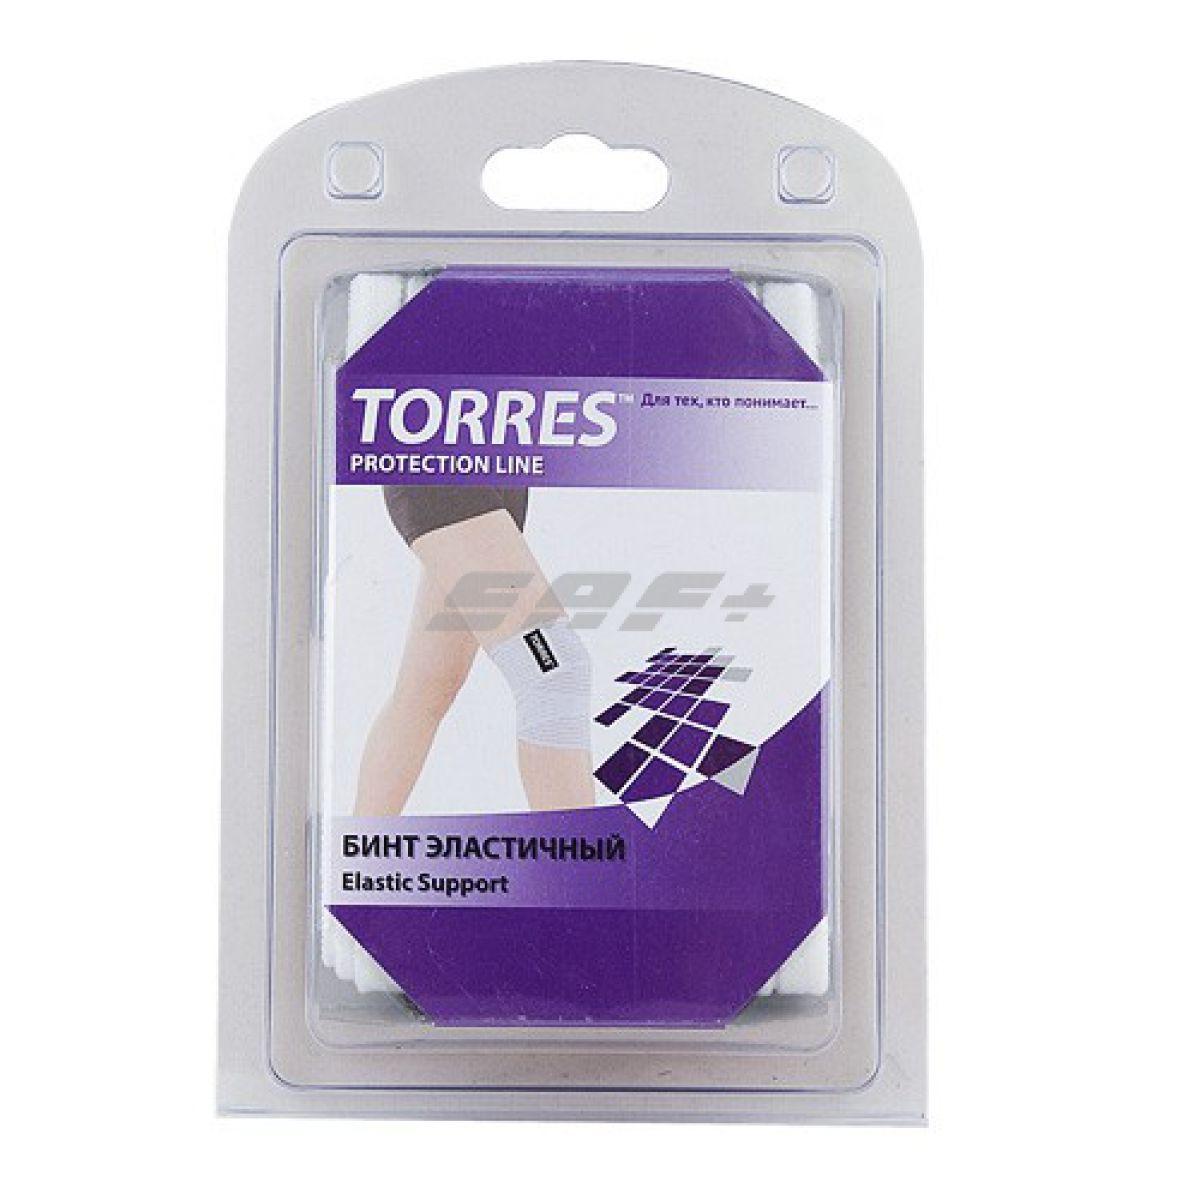 TORRES Бинт эластичный на ногу